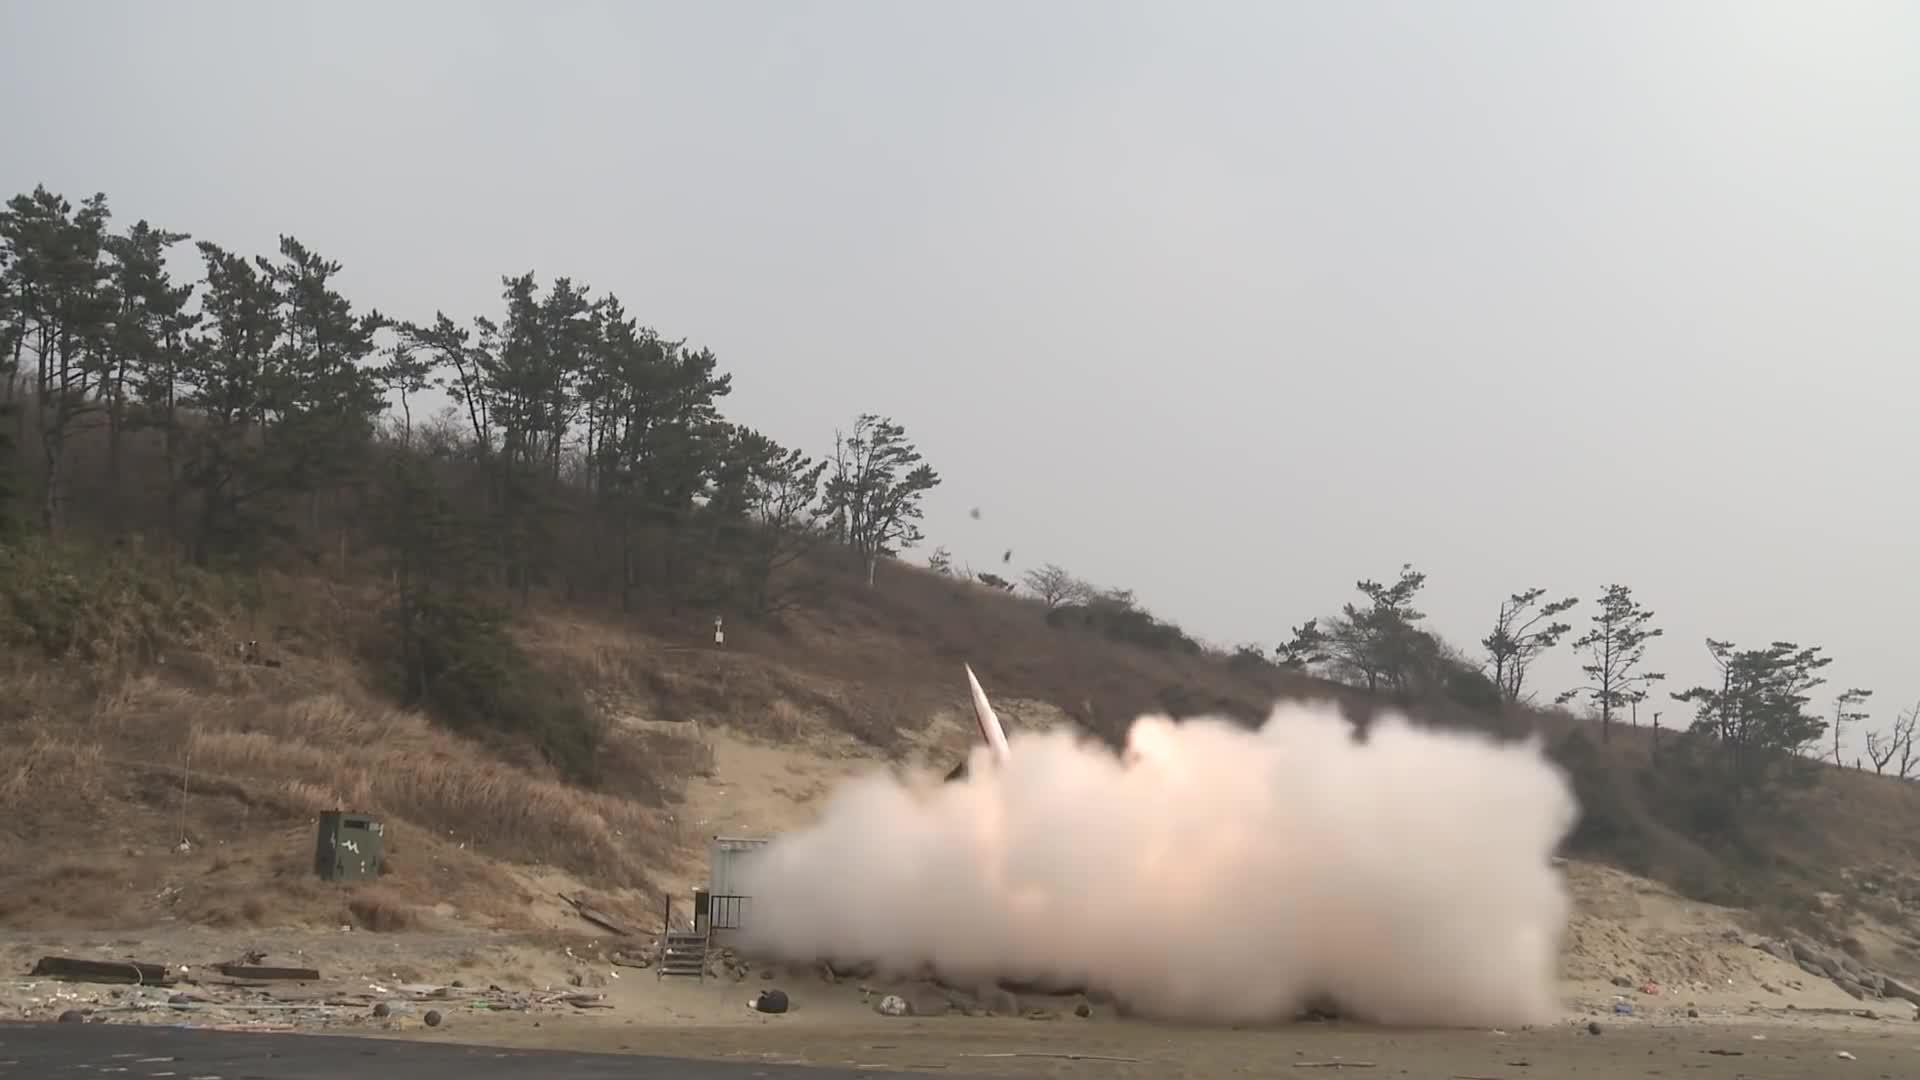 Tổ hợp tên lửa phòng không tầm trung Cheongung Block 2 KM-SAM của Quân đội Hàn Quốc bắn đạn thật